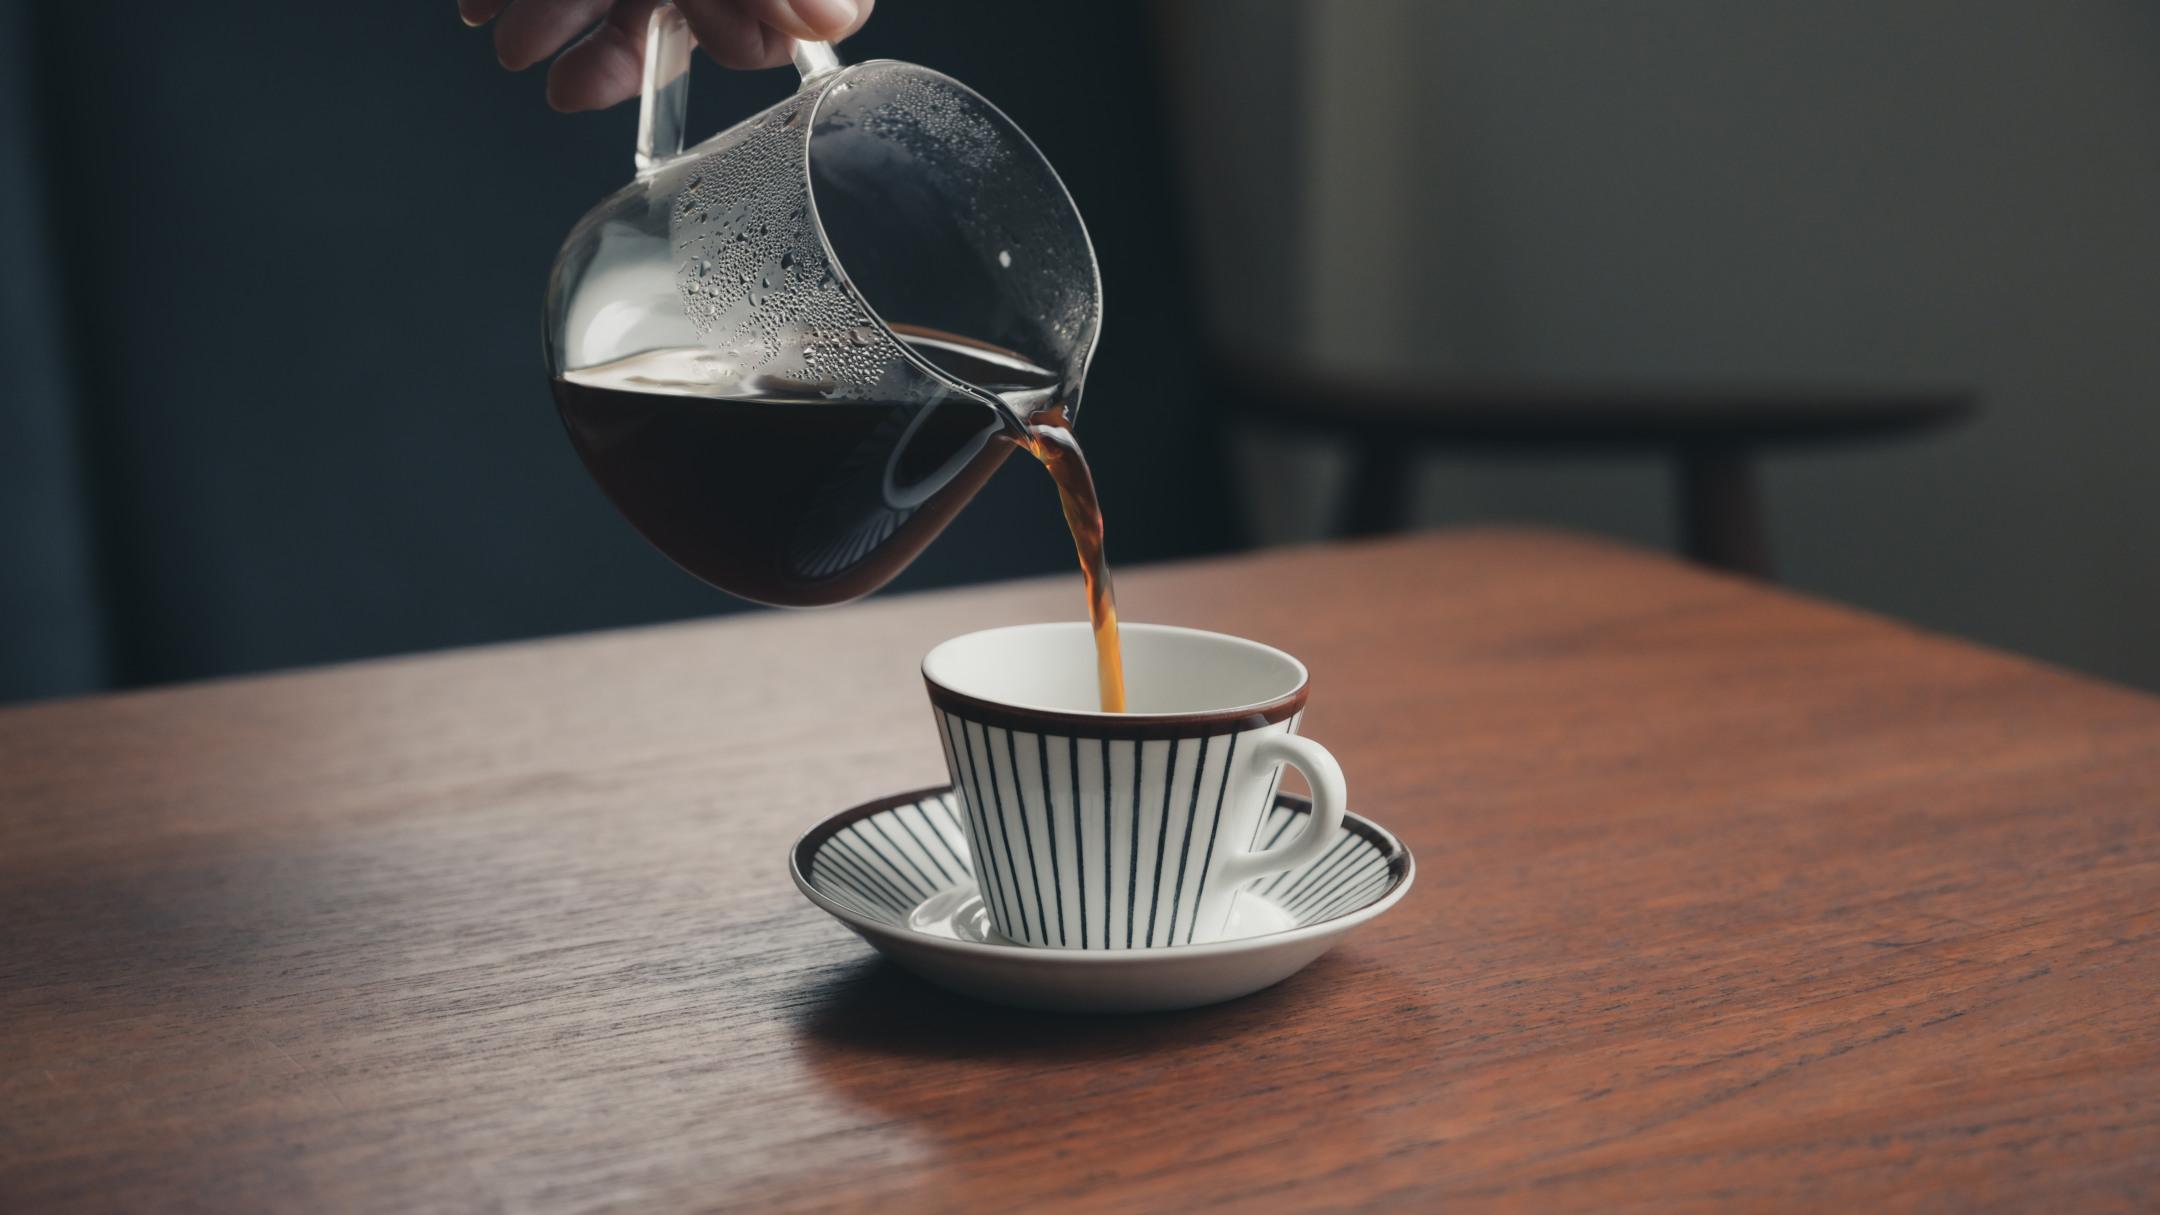 見ているだけでコーヒーが飲みたくなる&淹れたくなる写真の撮影テクニック